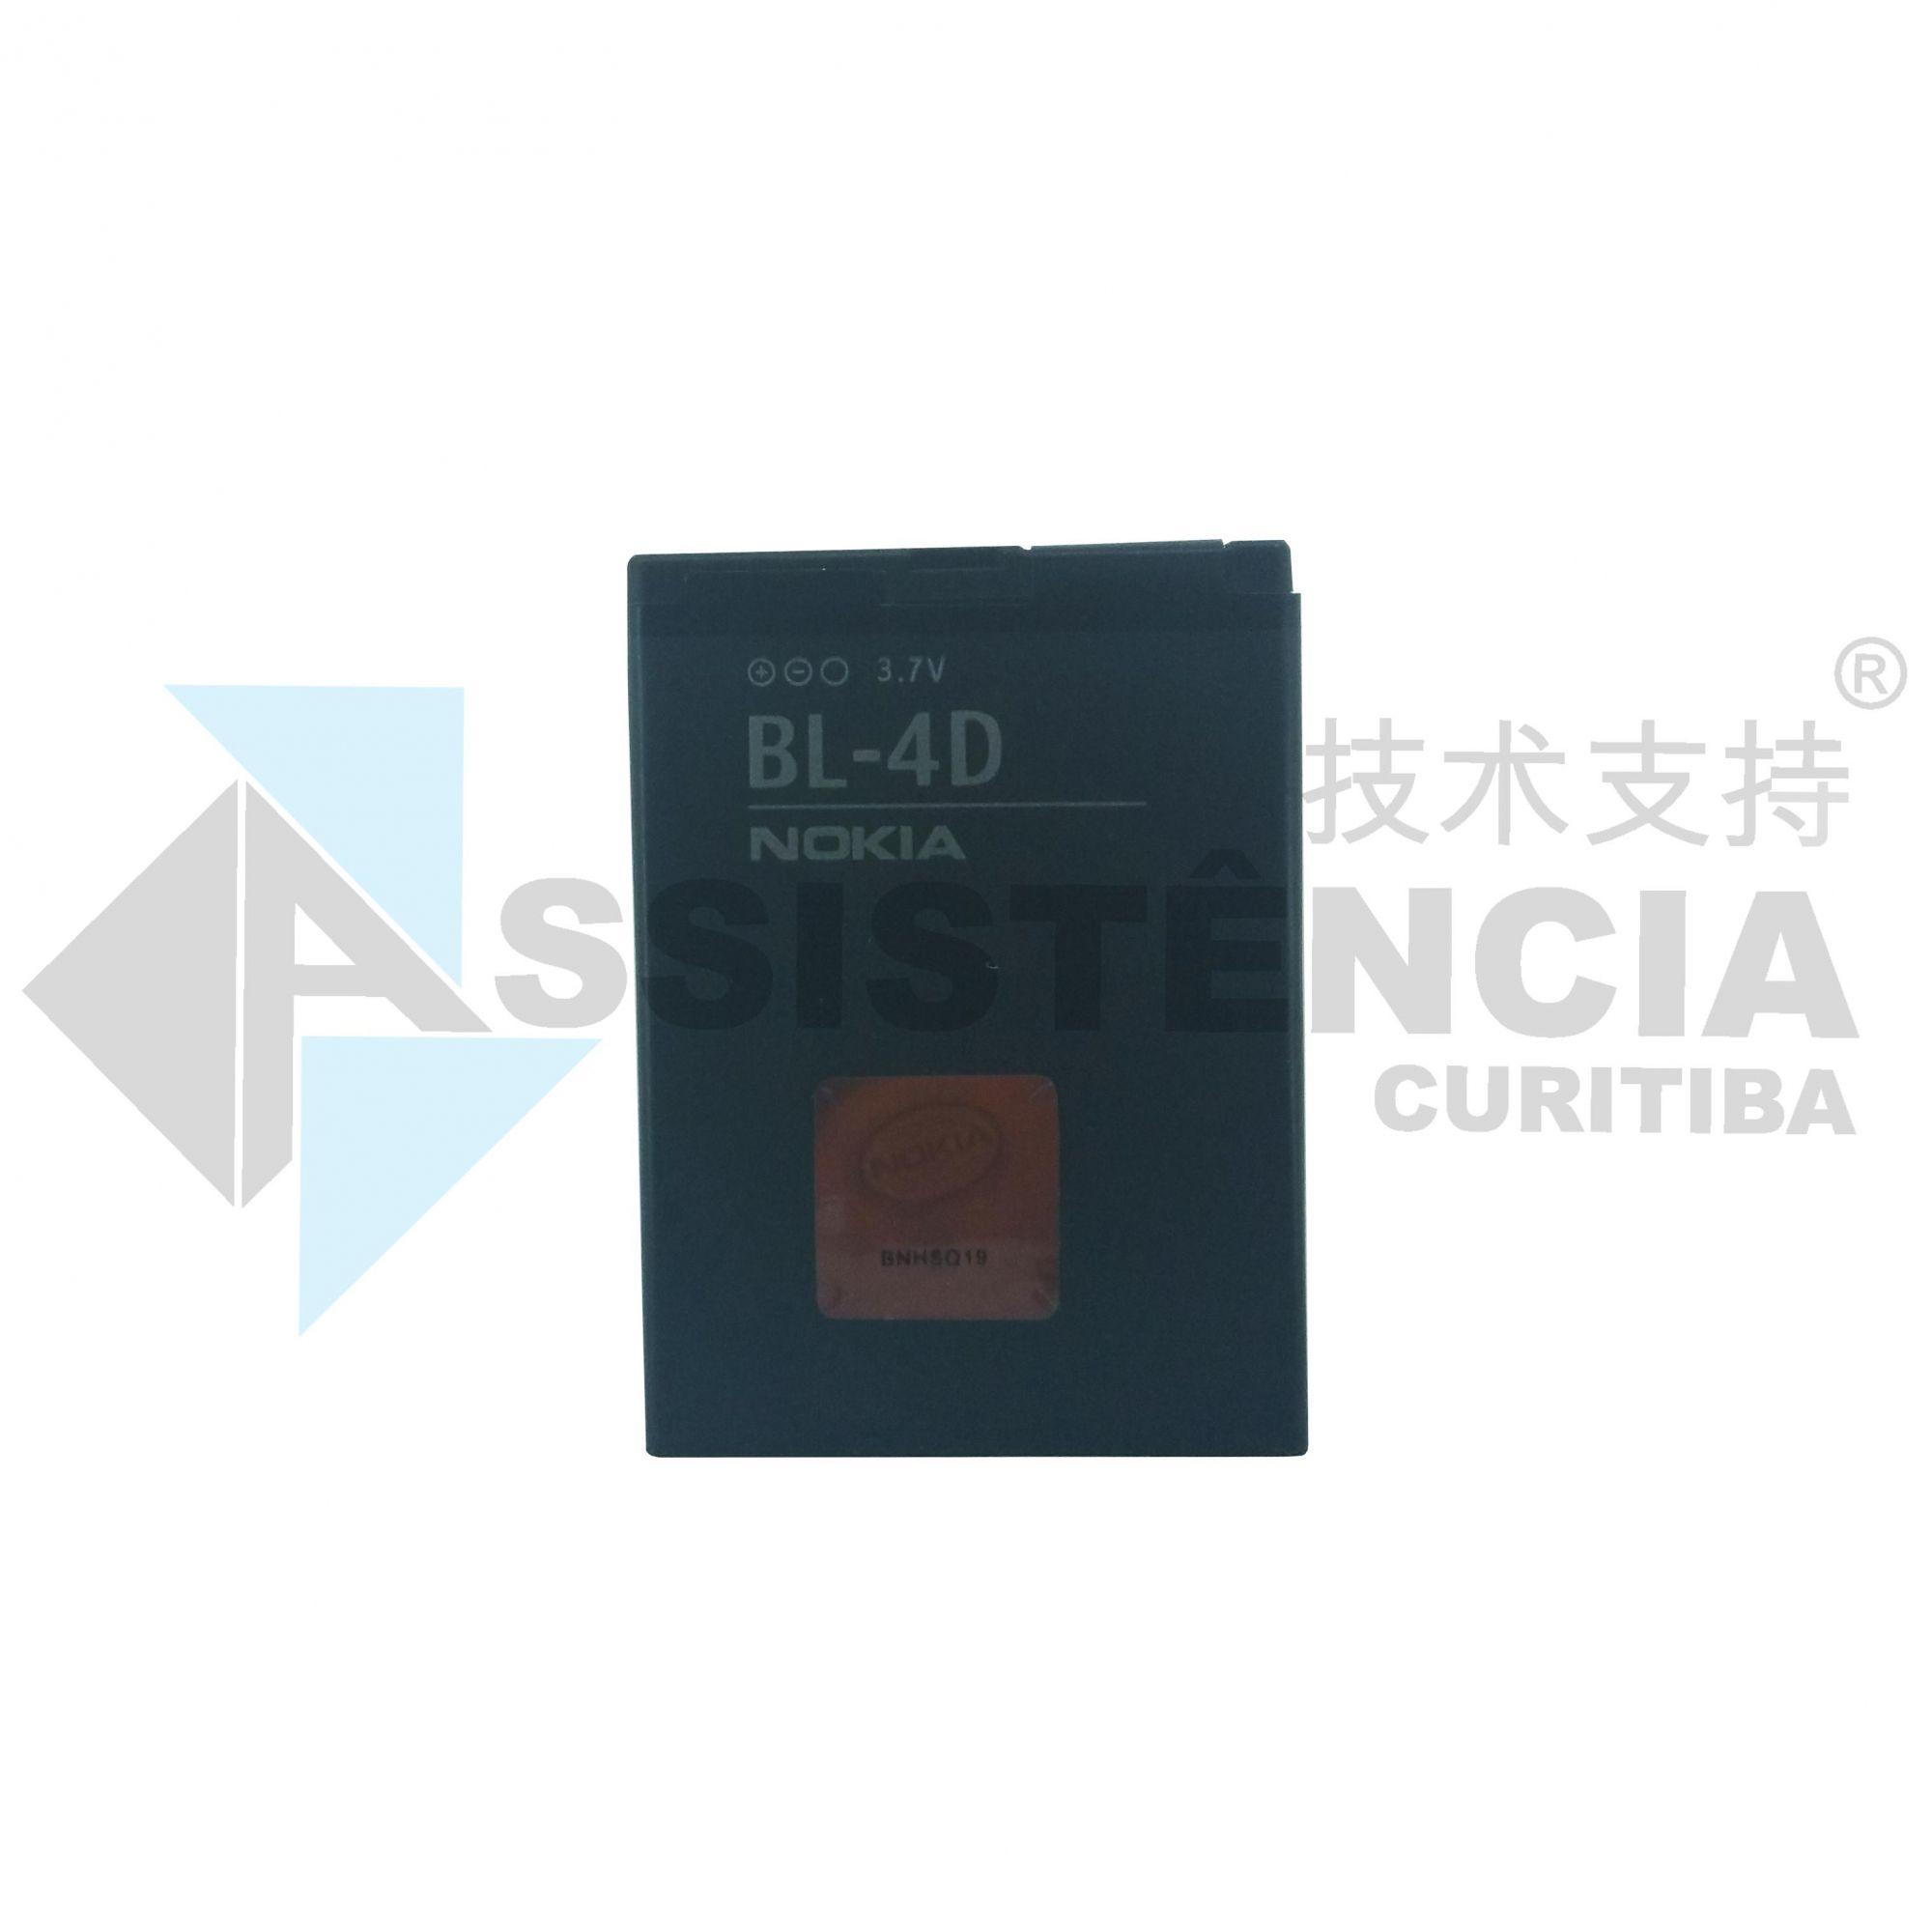 BATERIA CELULAR MICROSOFT NOKIA NL-4D BL4D N97 E5 N8 E7 T